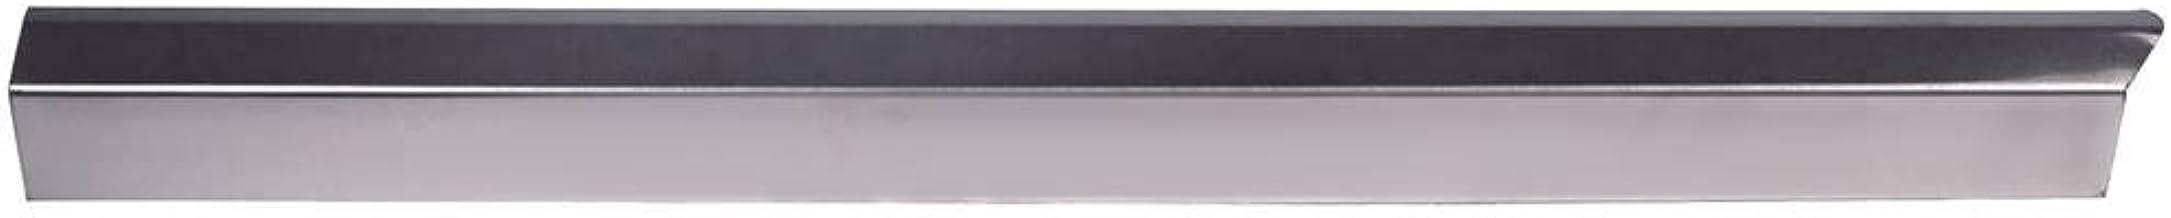 IMPERIAL USA voetstuk voor friteuse Fryer-Filter-System-Series CNS hoogte 50 mm breedte 48 mm lengte 620 mm